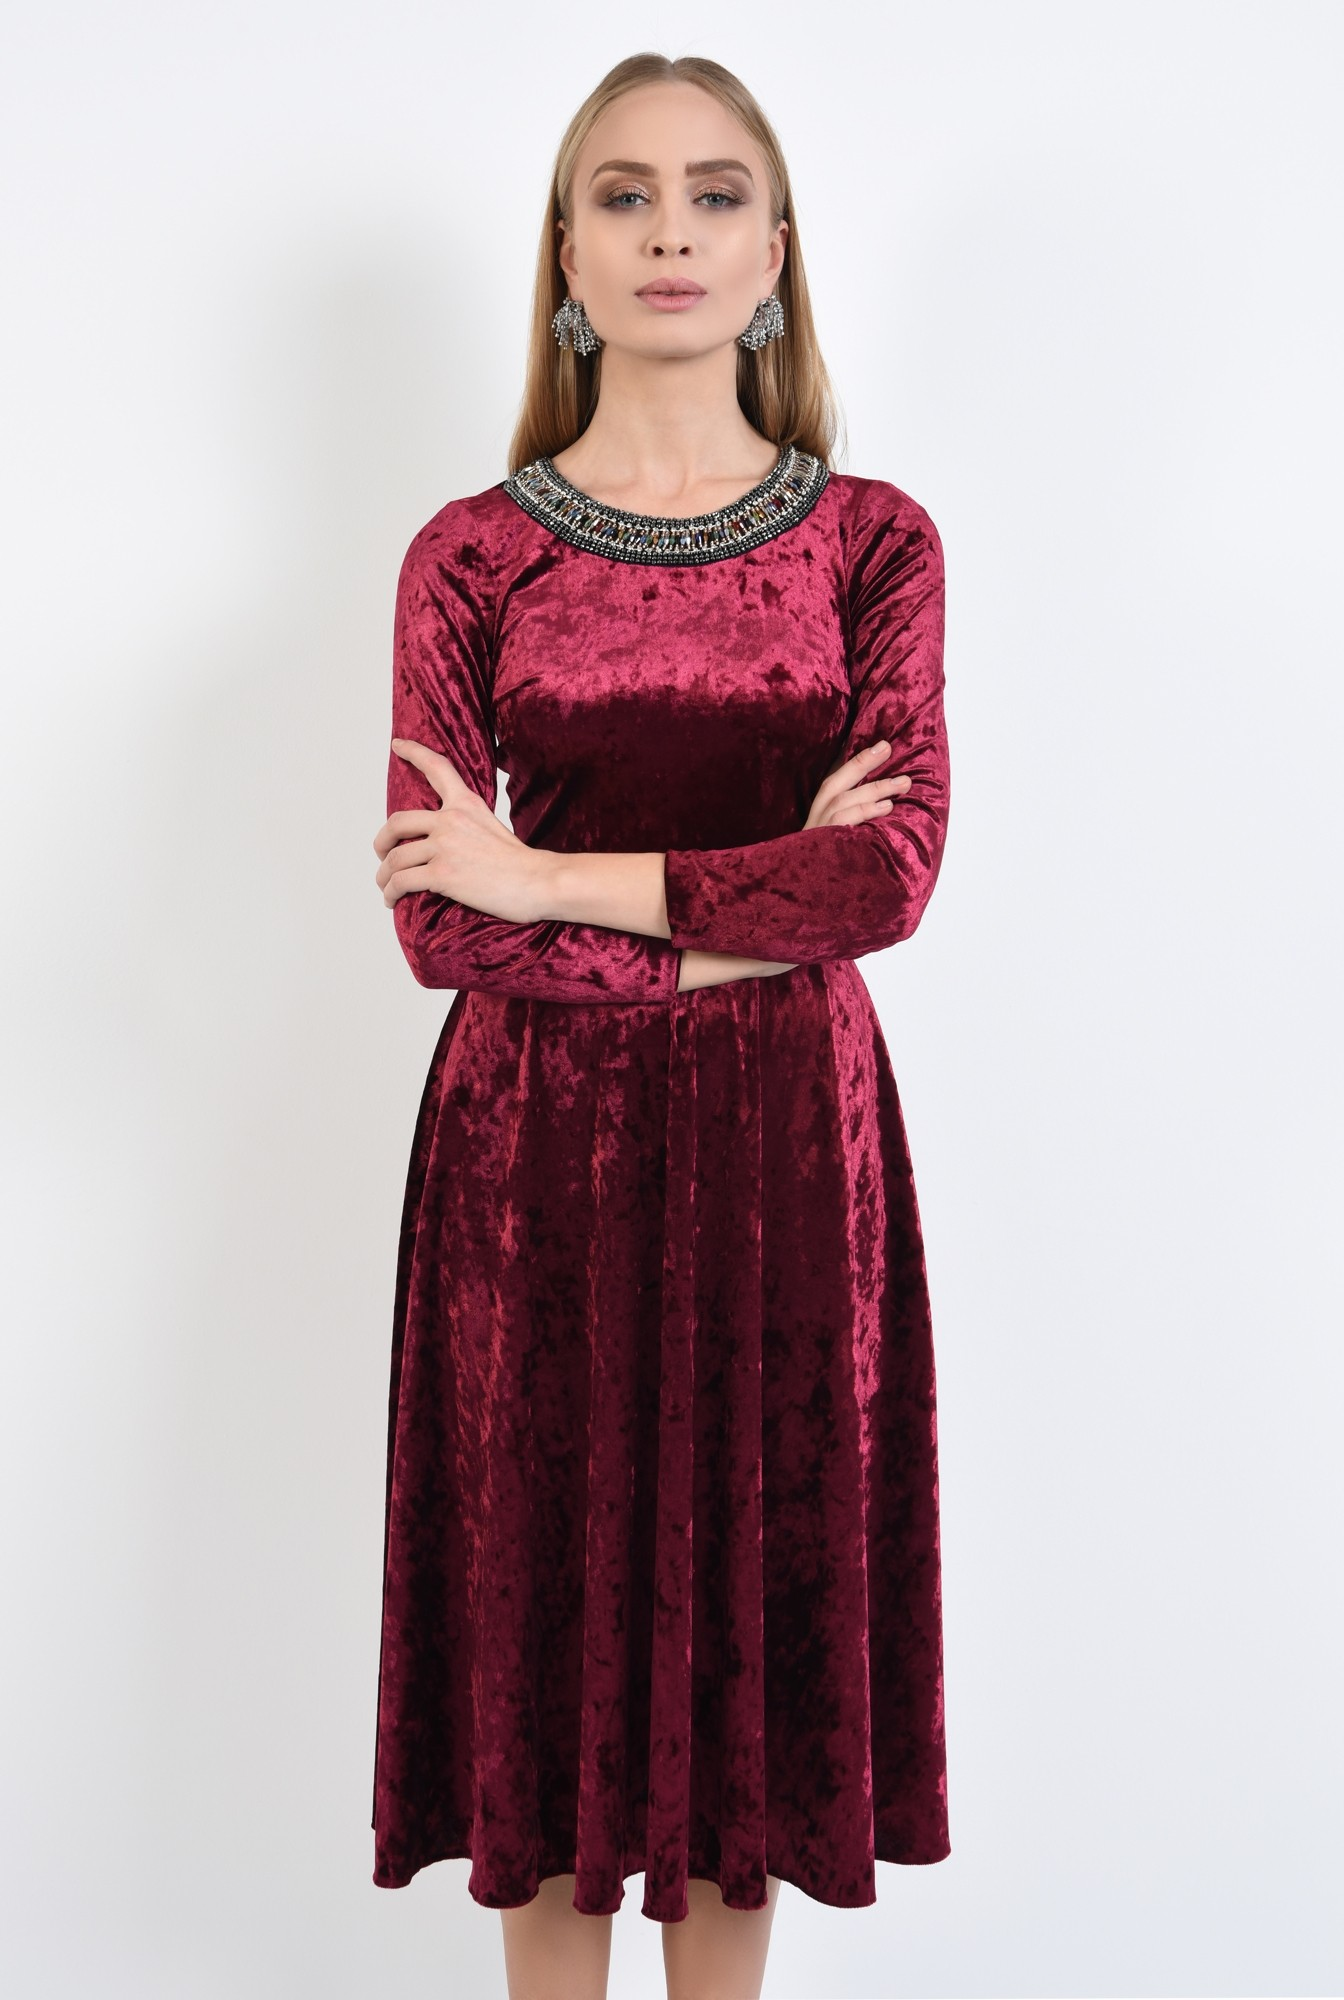 0 - 360 - rochie de ocazie, din catifea, grena, cu pasmanterie